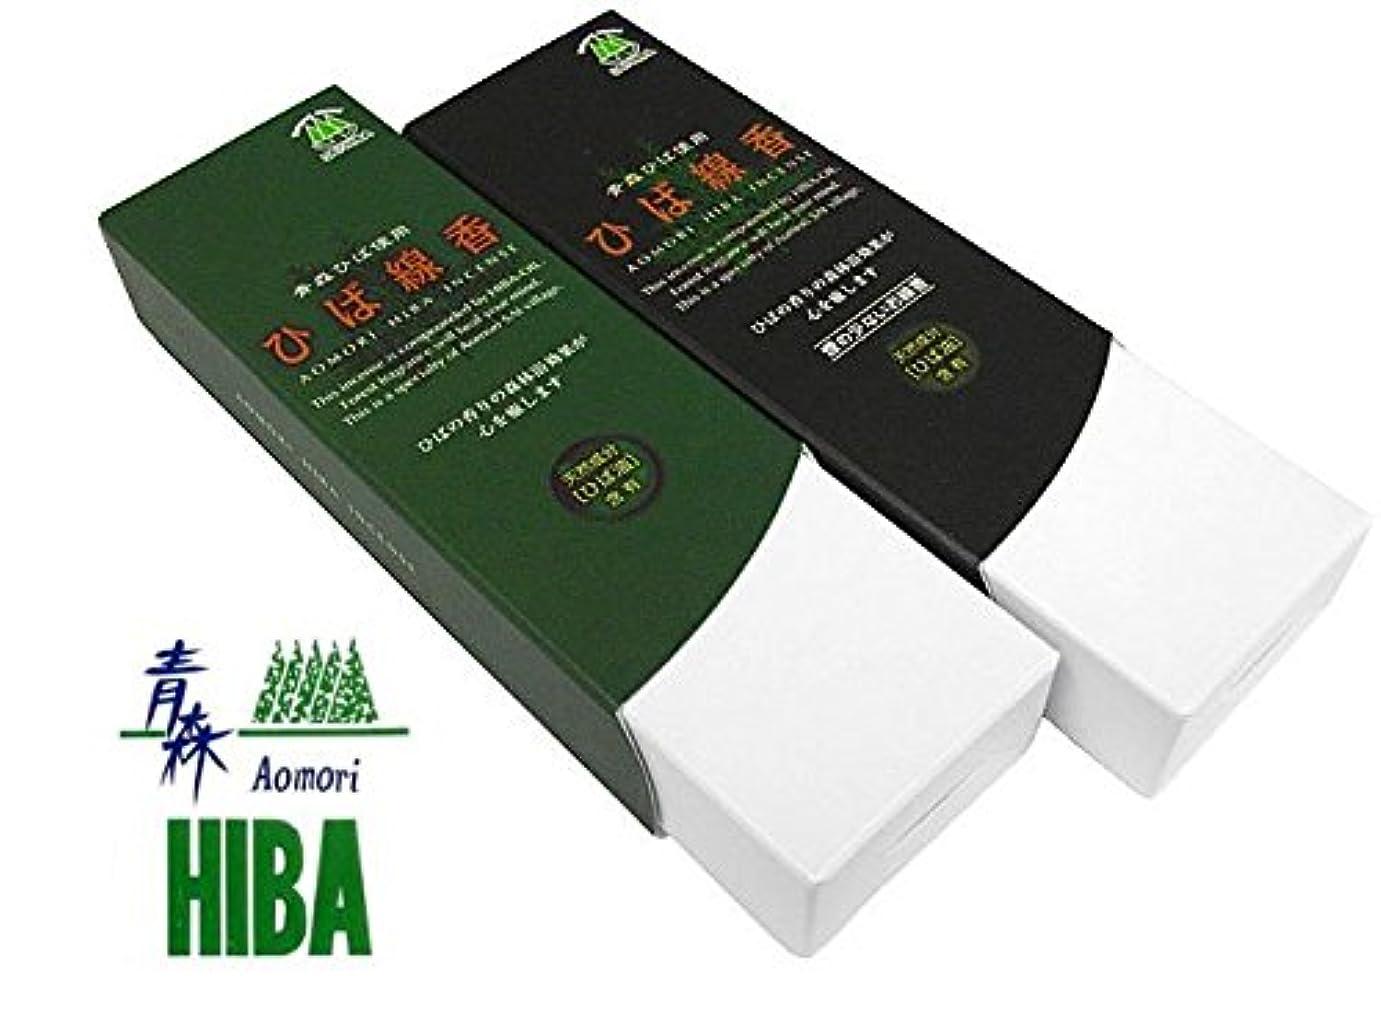 ささやき権限を与える限り青森ひば 青森ヒバのお 黒と緑のお手軽サイズ2箱セット 天然ひば製油配合の清々しい木の香り